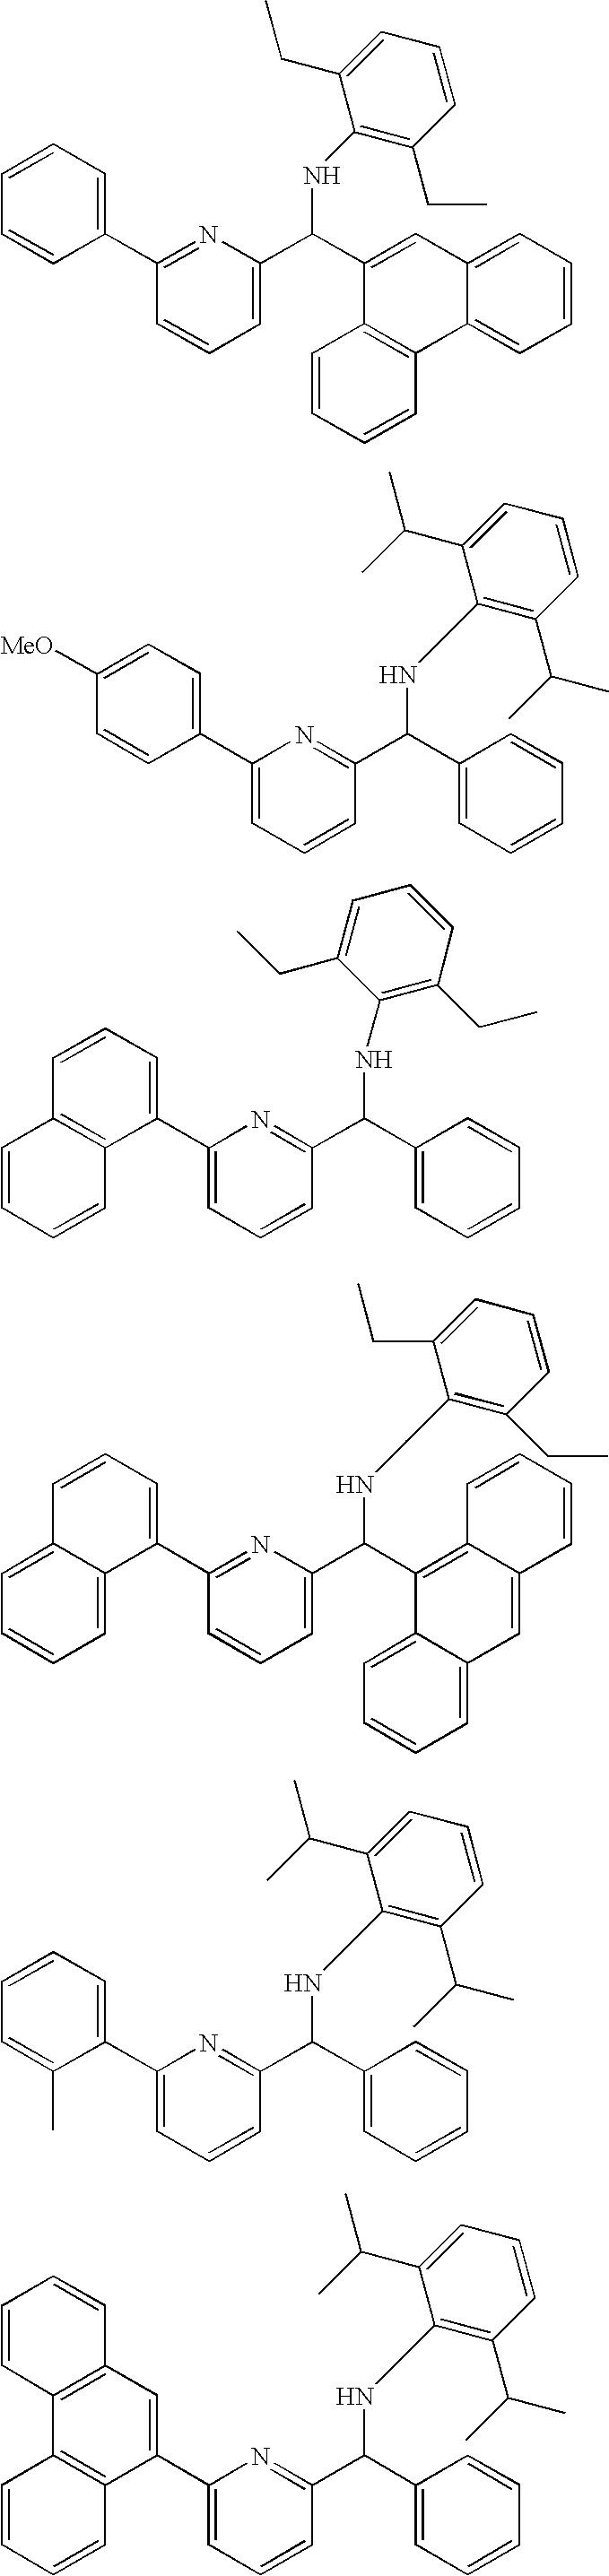 Figure US06900321-20050531-C00016